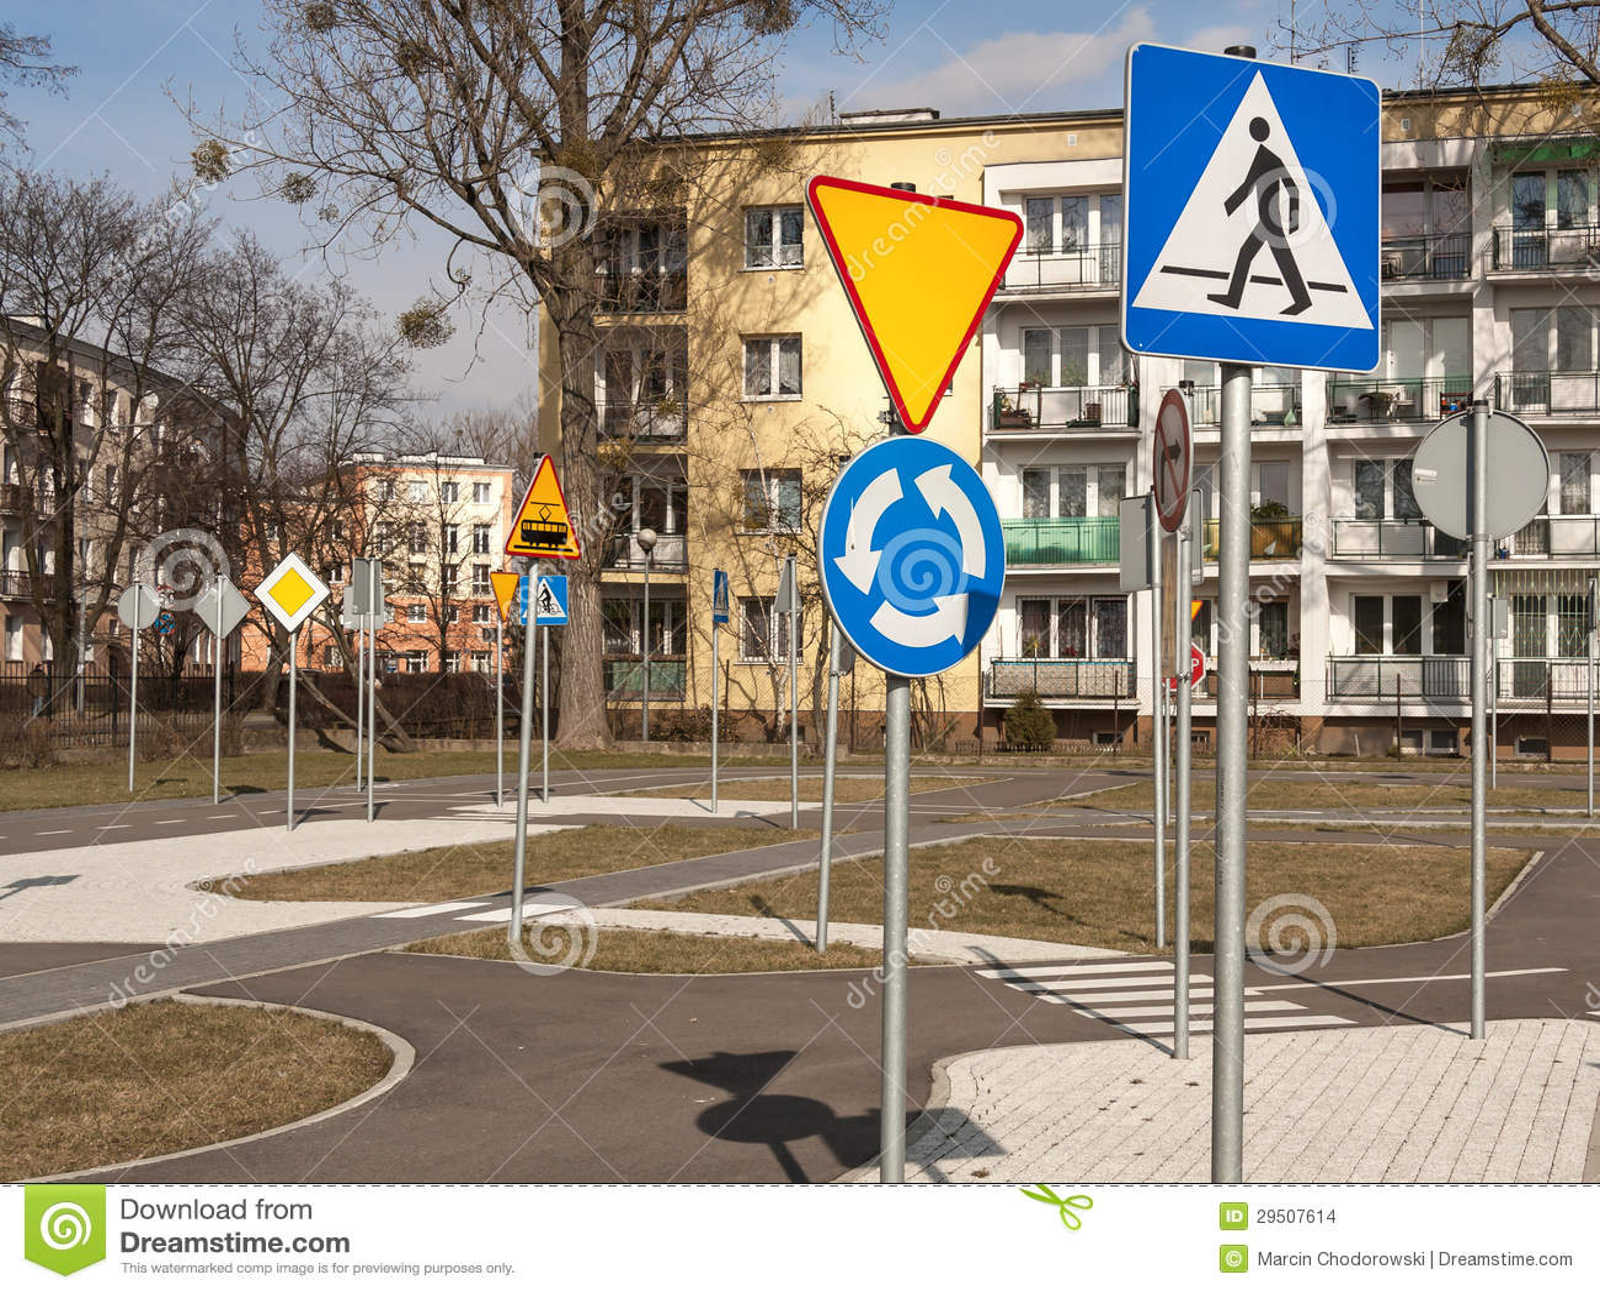 Heel wat verkeersteken